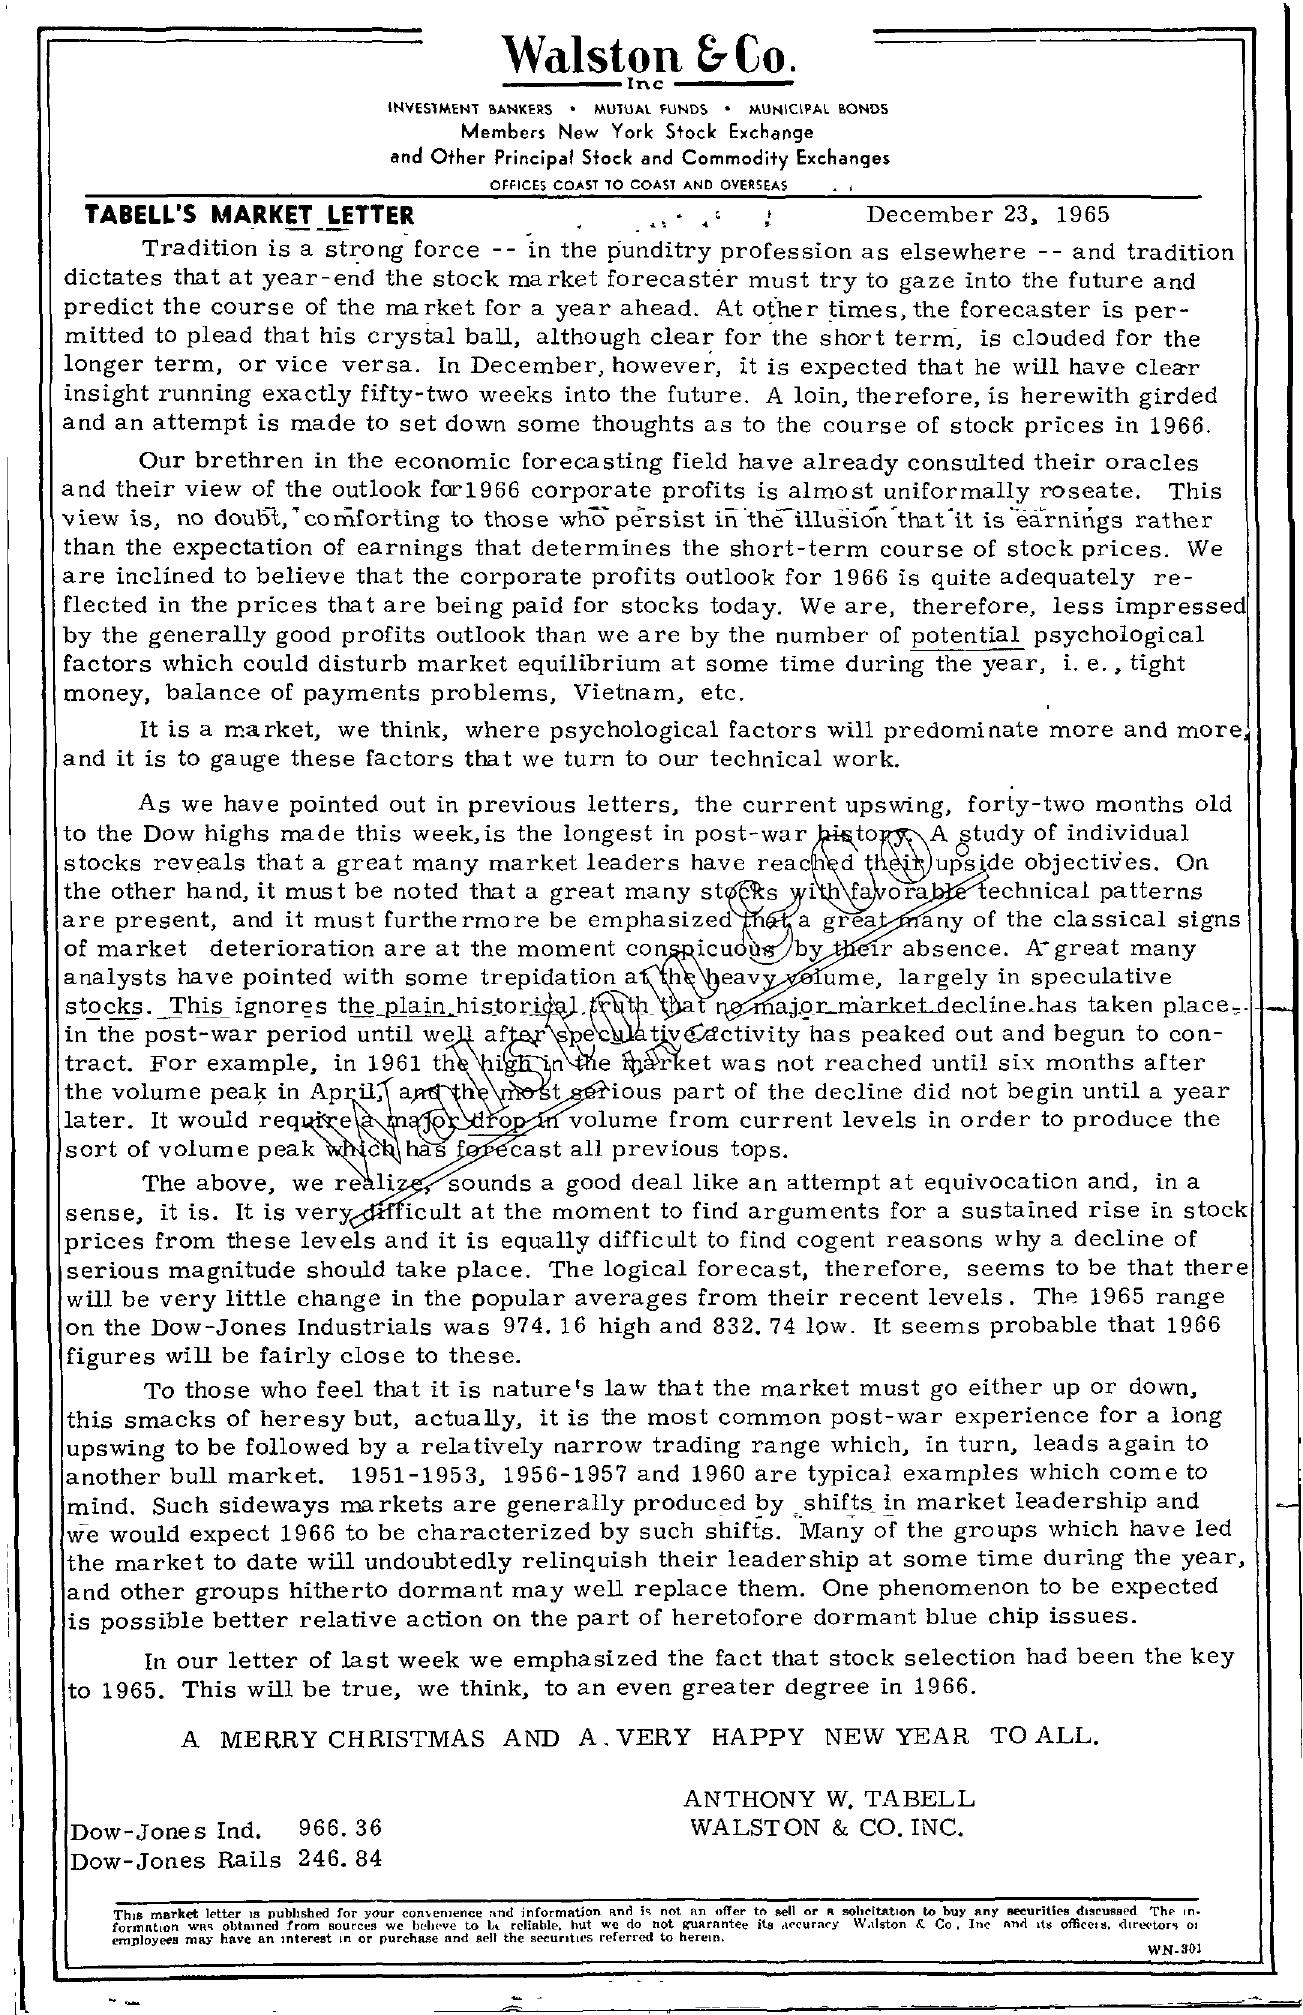 Tabell's Market Letter - December 23, 1965